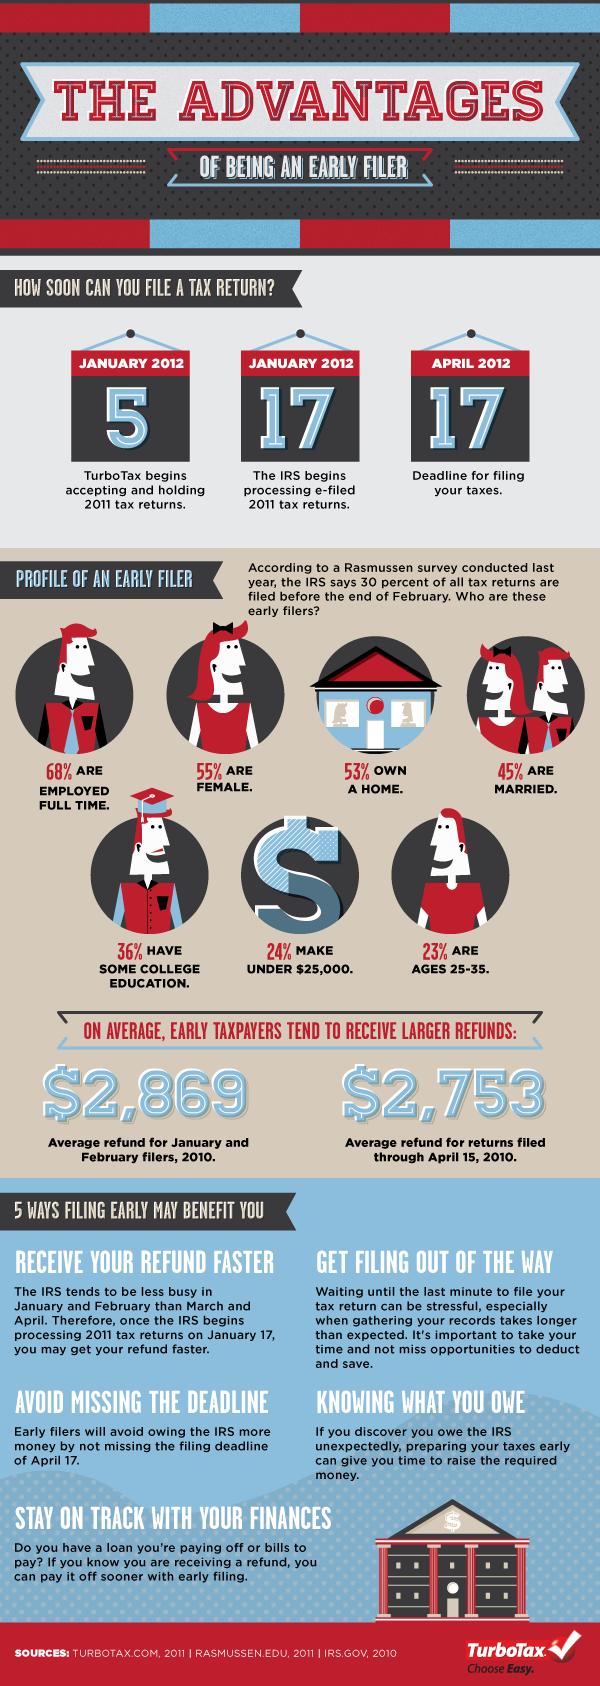 Watch Last-Minute Tax Tips video